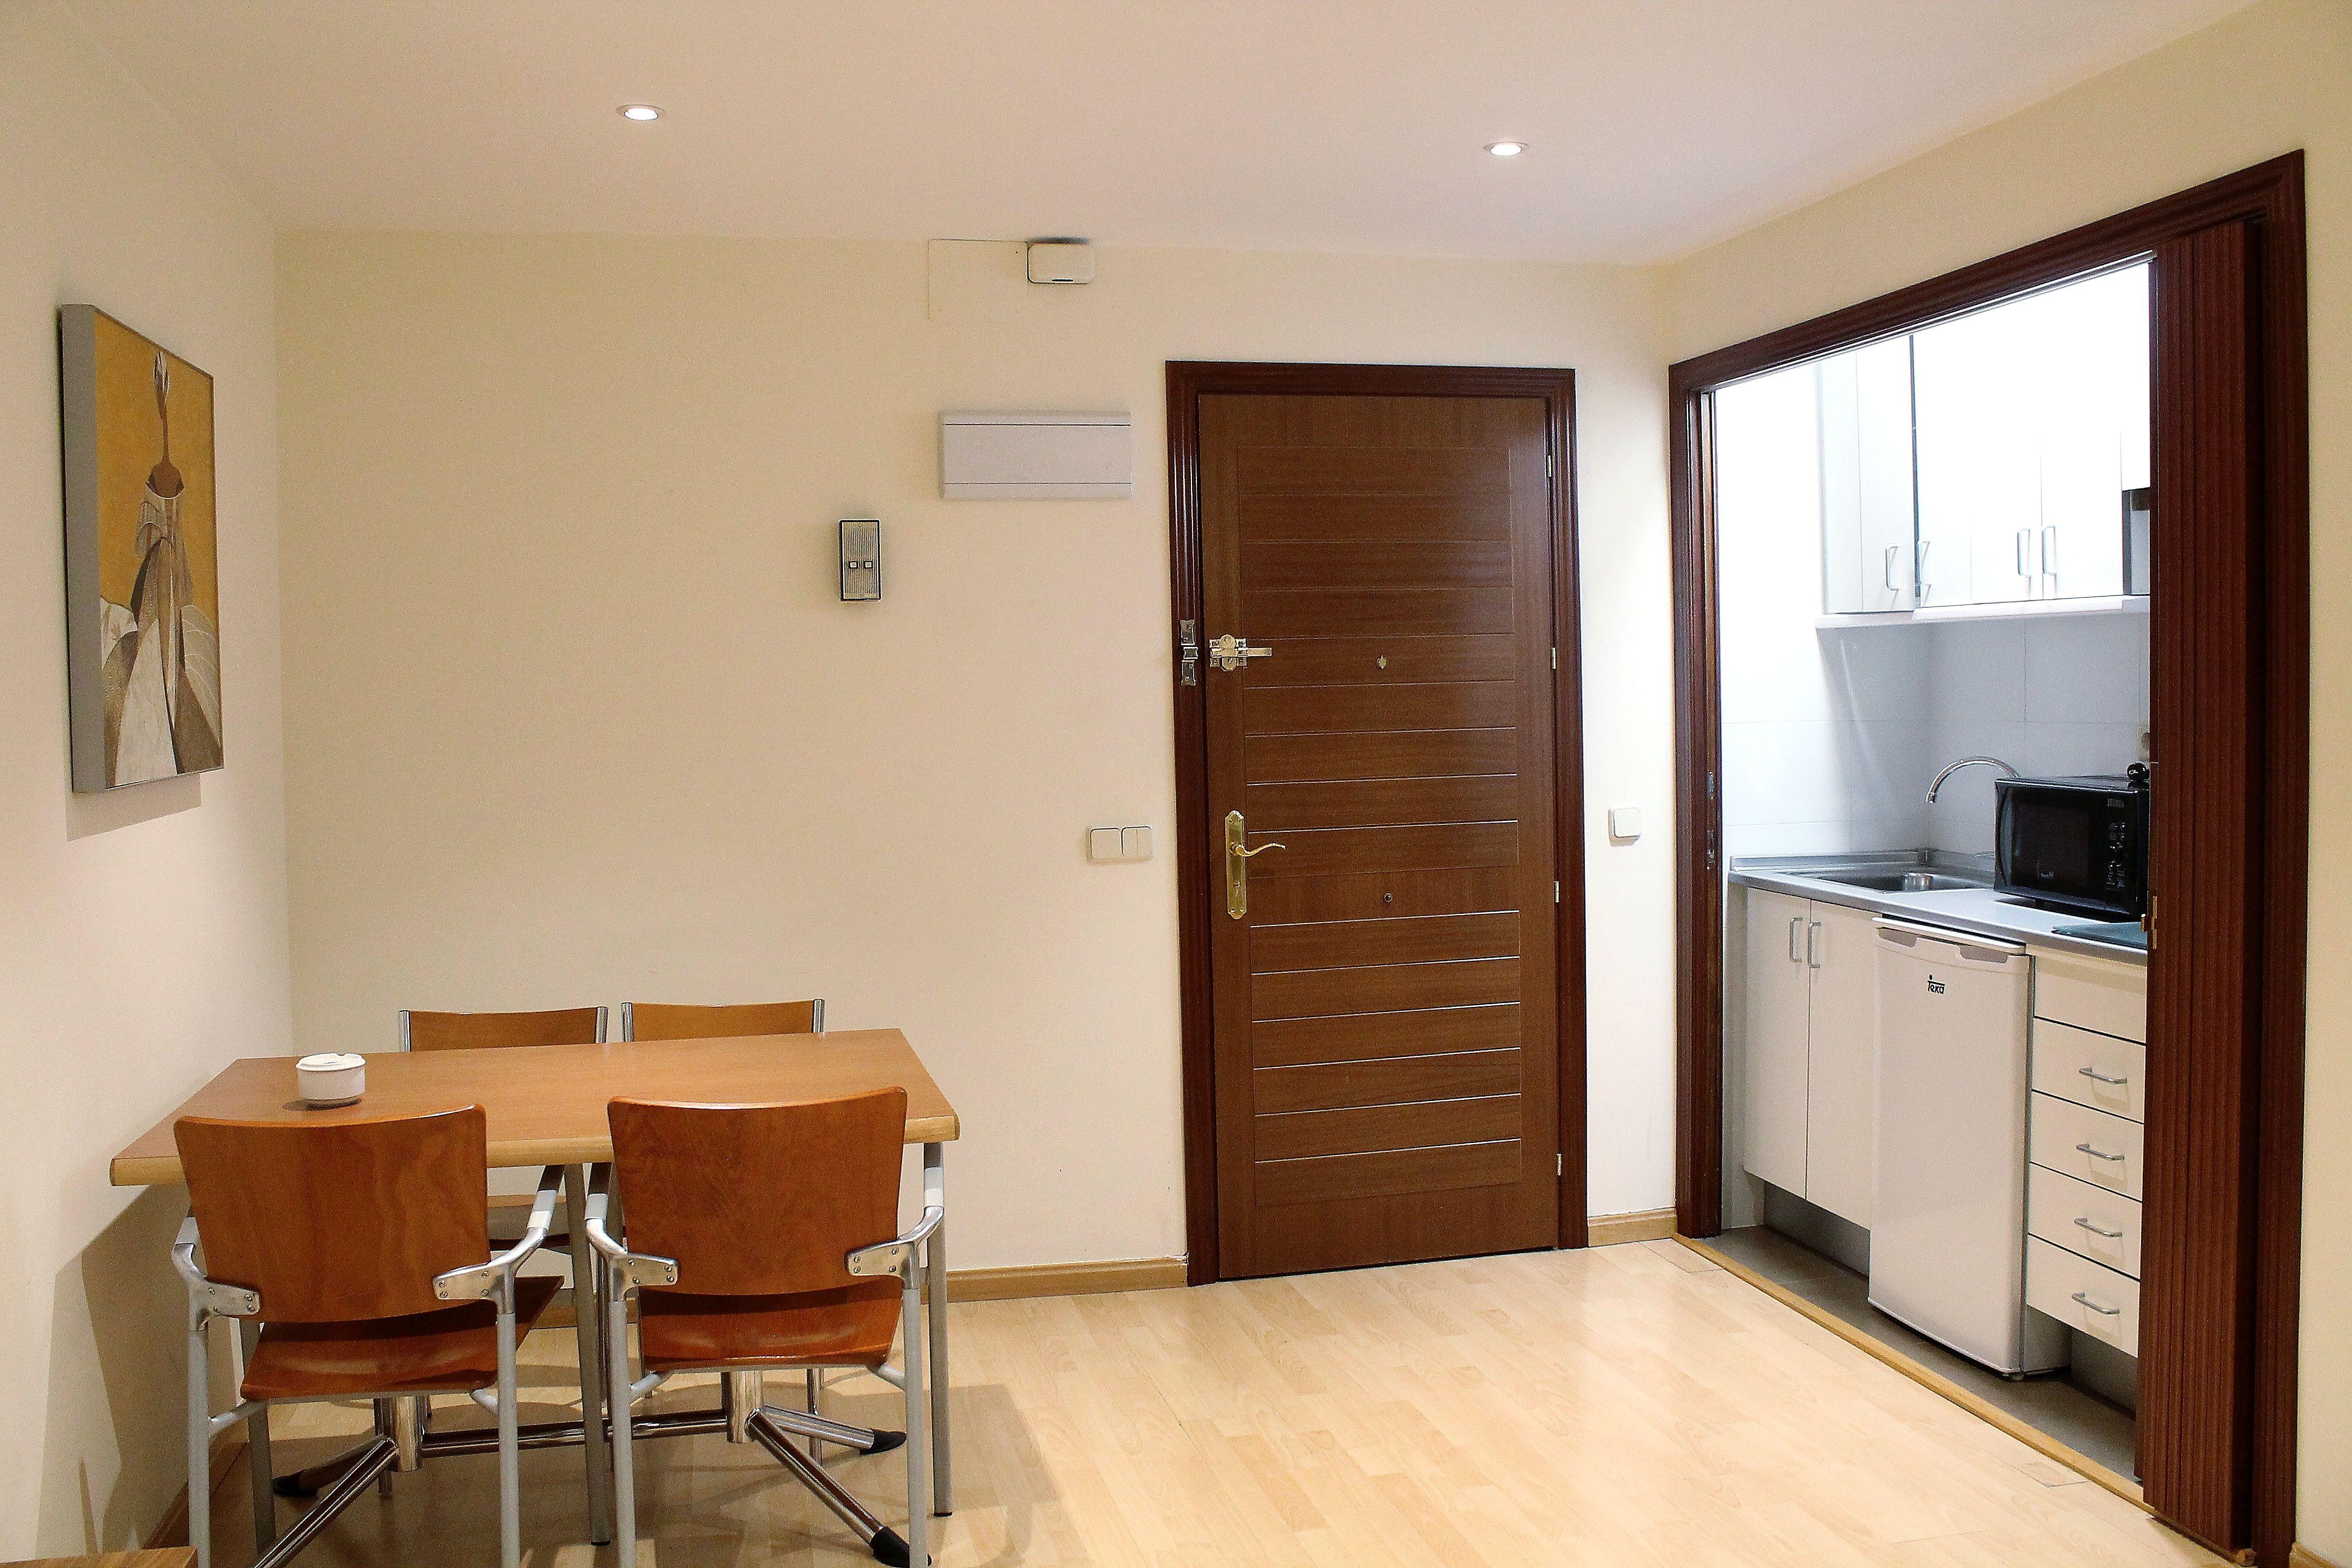 Apartamentos discretos por horas en Chamartín, Madrid